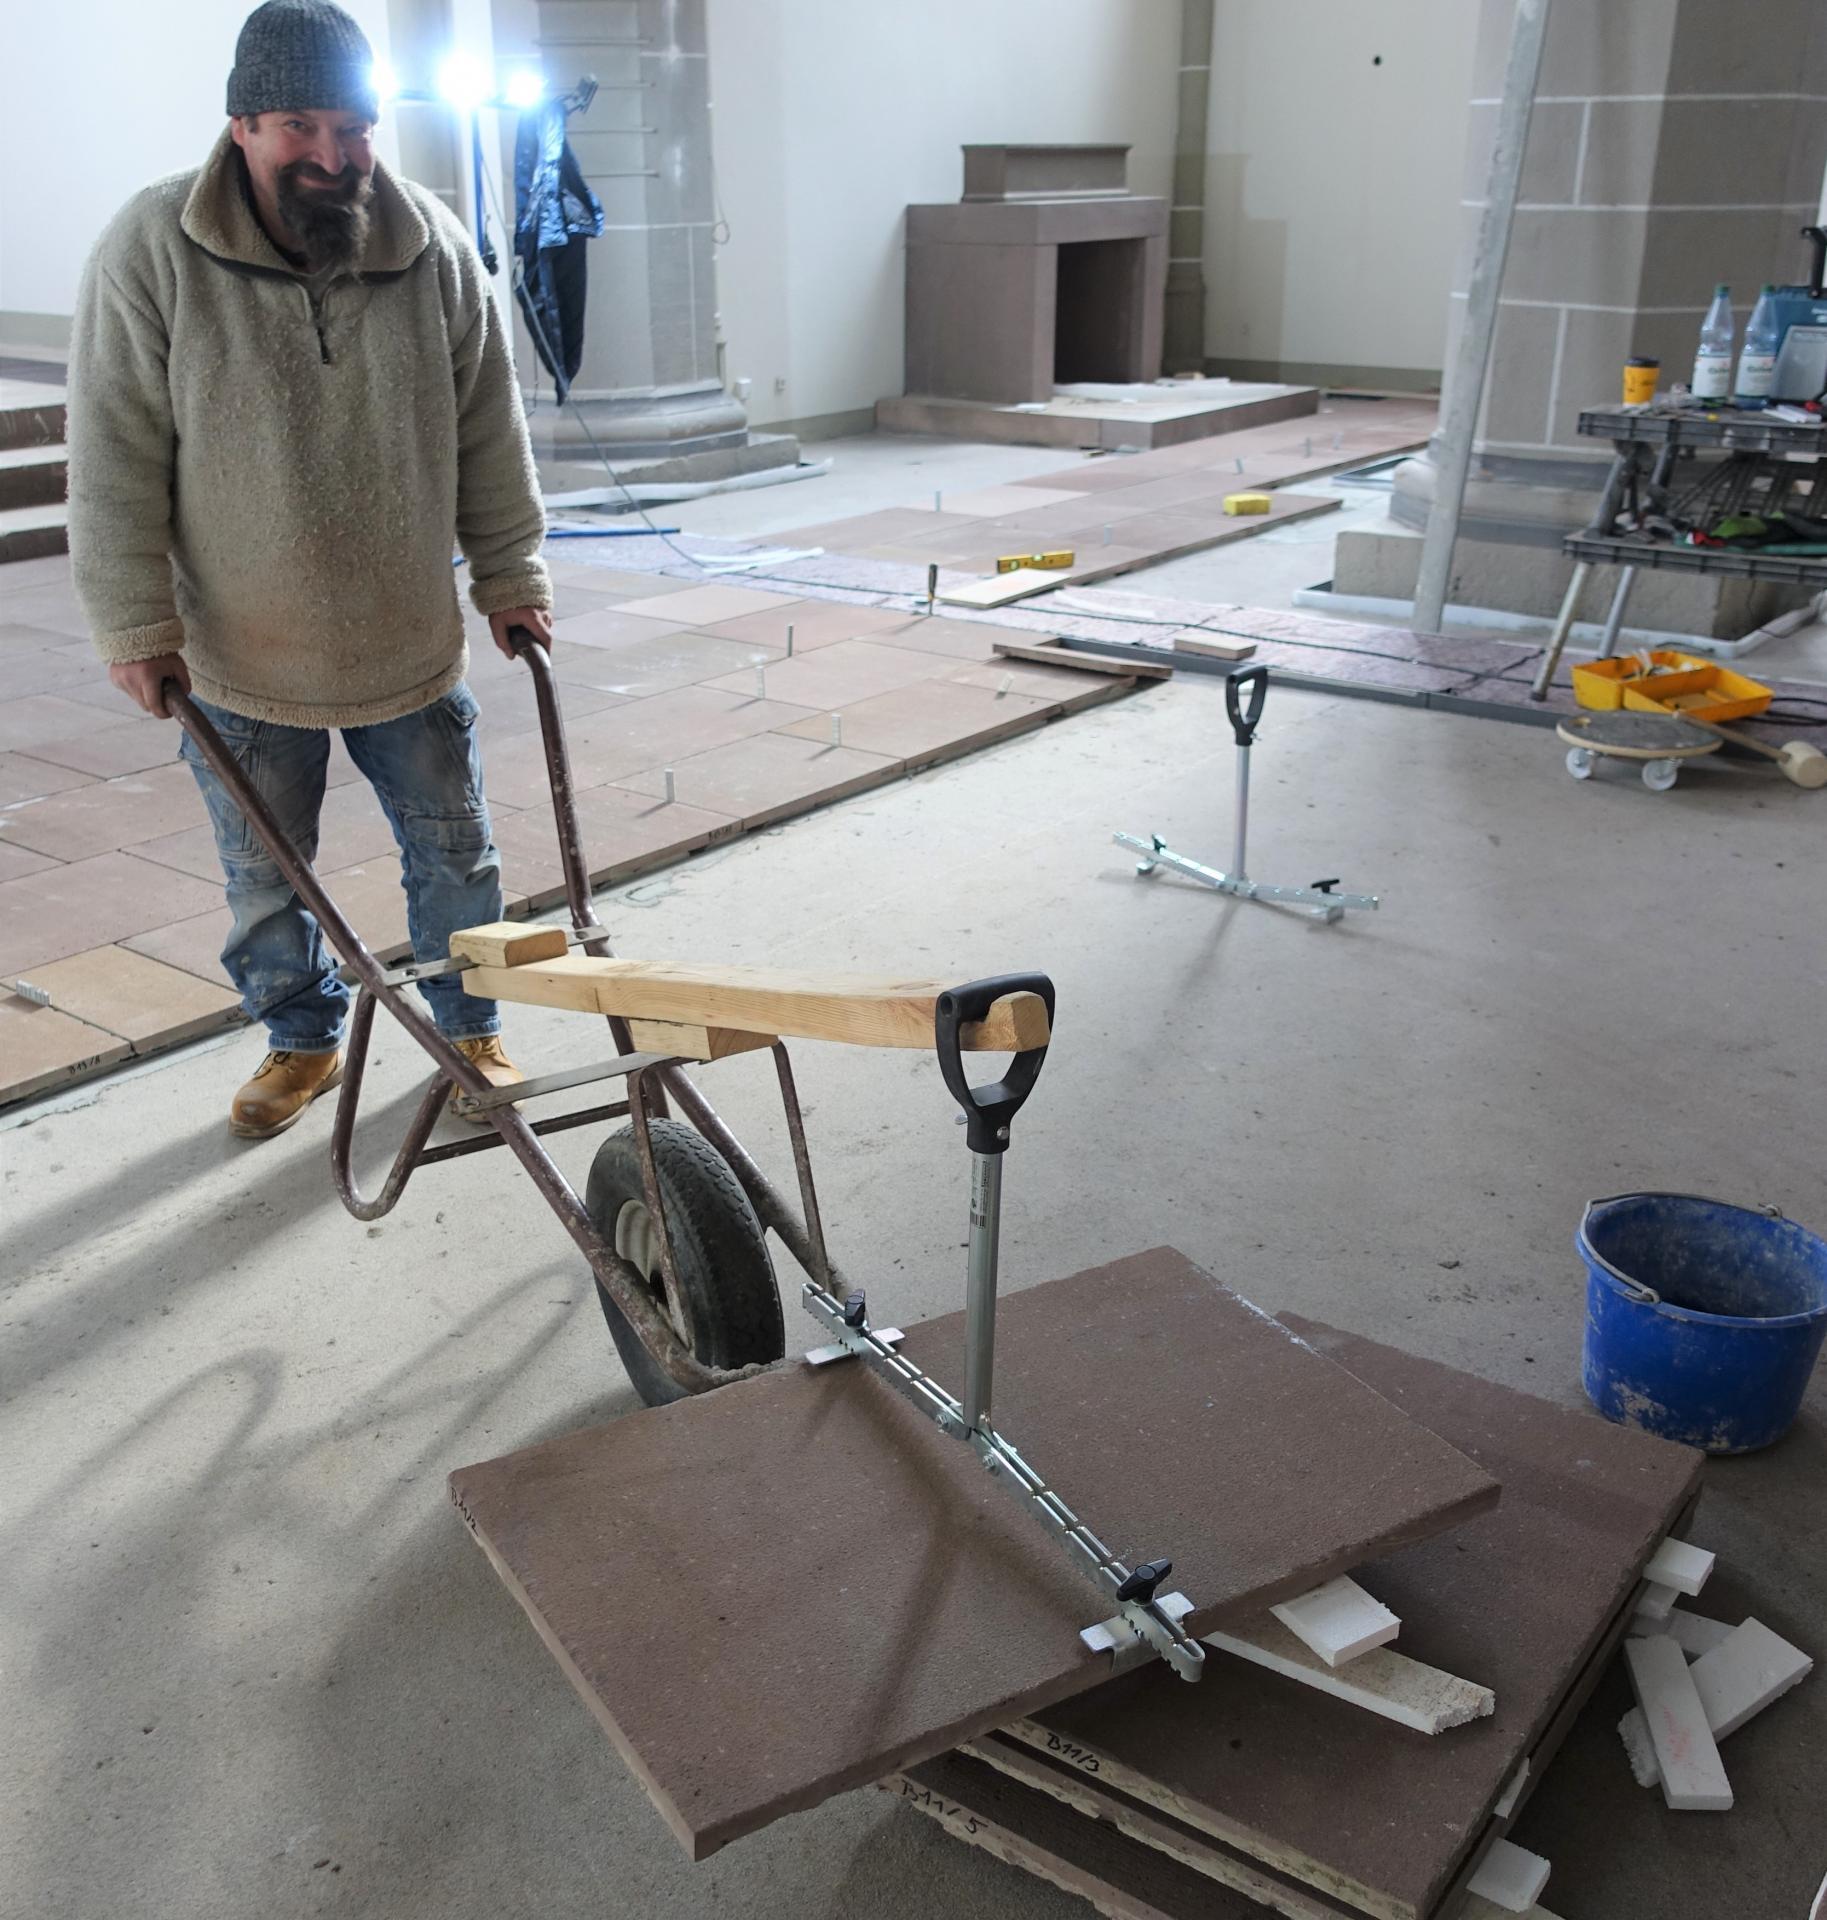 Der polnische Mitarbeiter Julek, seit 20 Jahren im Geschäft, mit seiner Erfindung des Sandsteinfliesentransportes.